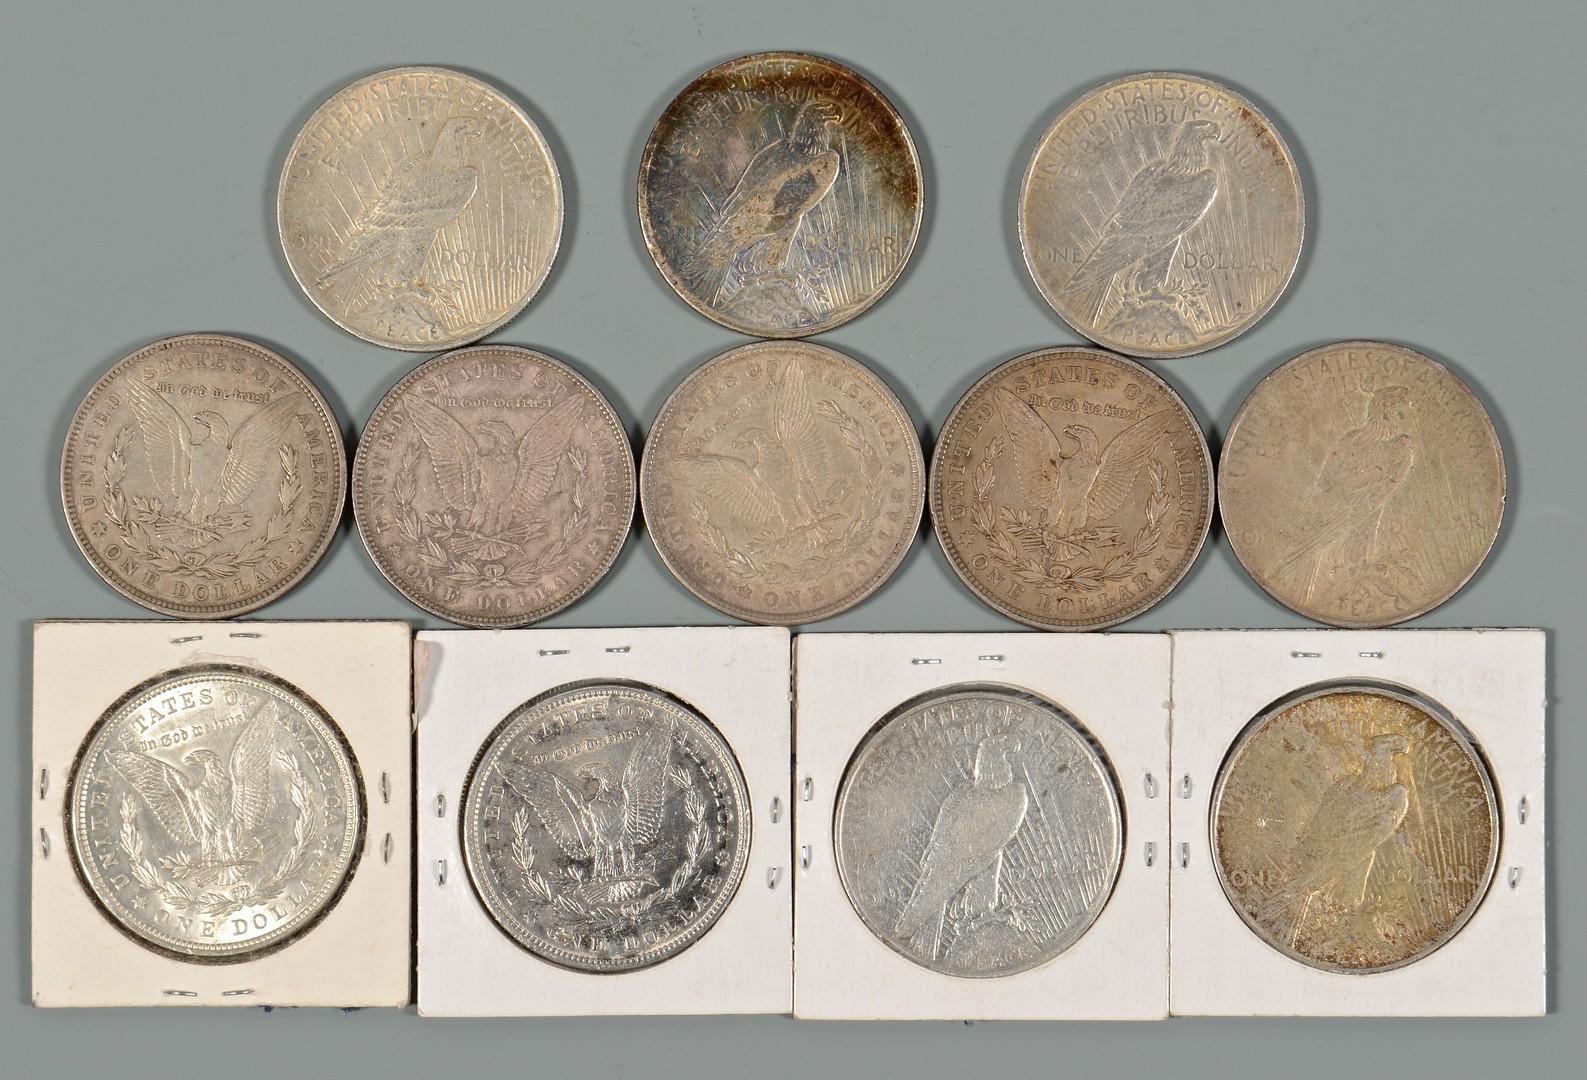 Lot 903: 12 US Morgan Silver Dollars & $5 Gold Coin